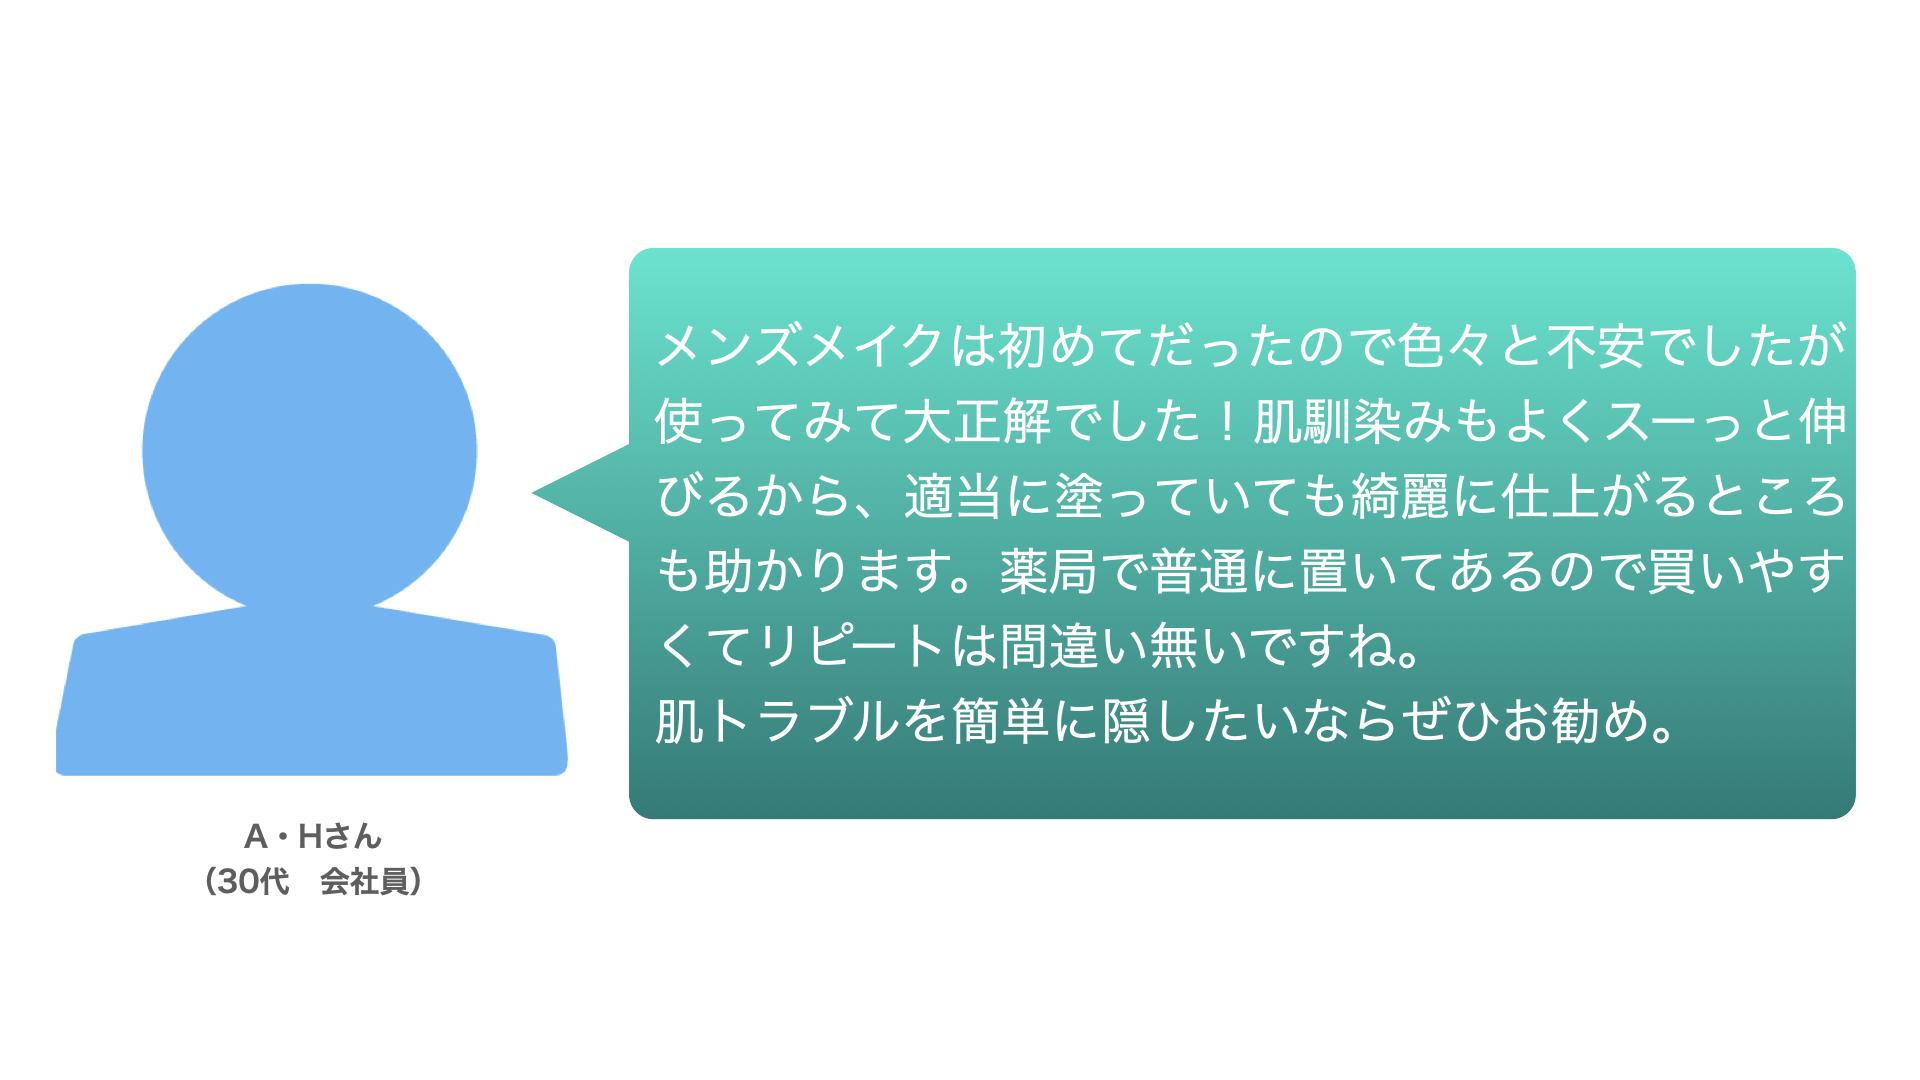 【UNOフェイスカラークリエイター】口コミは9割ウソな理由。確実に失敗を避ける方法とは?